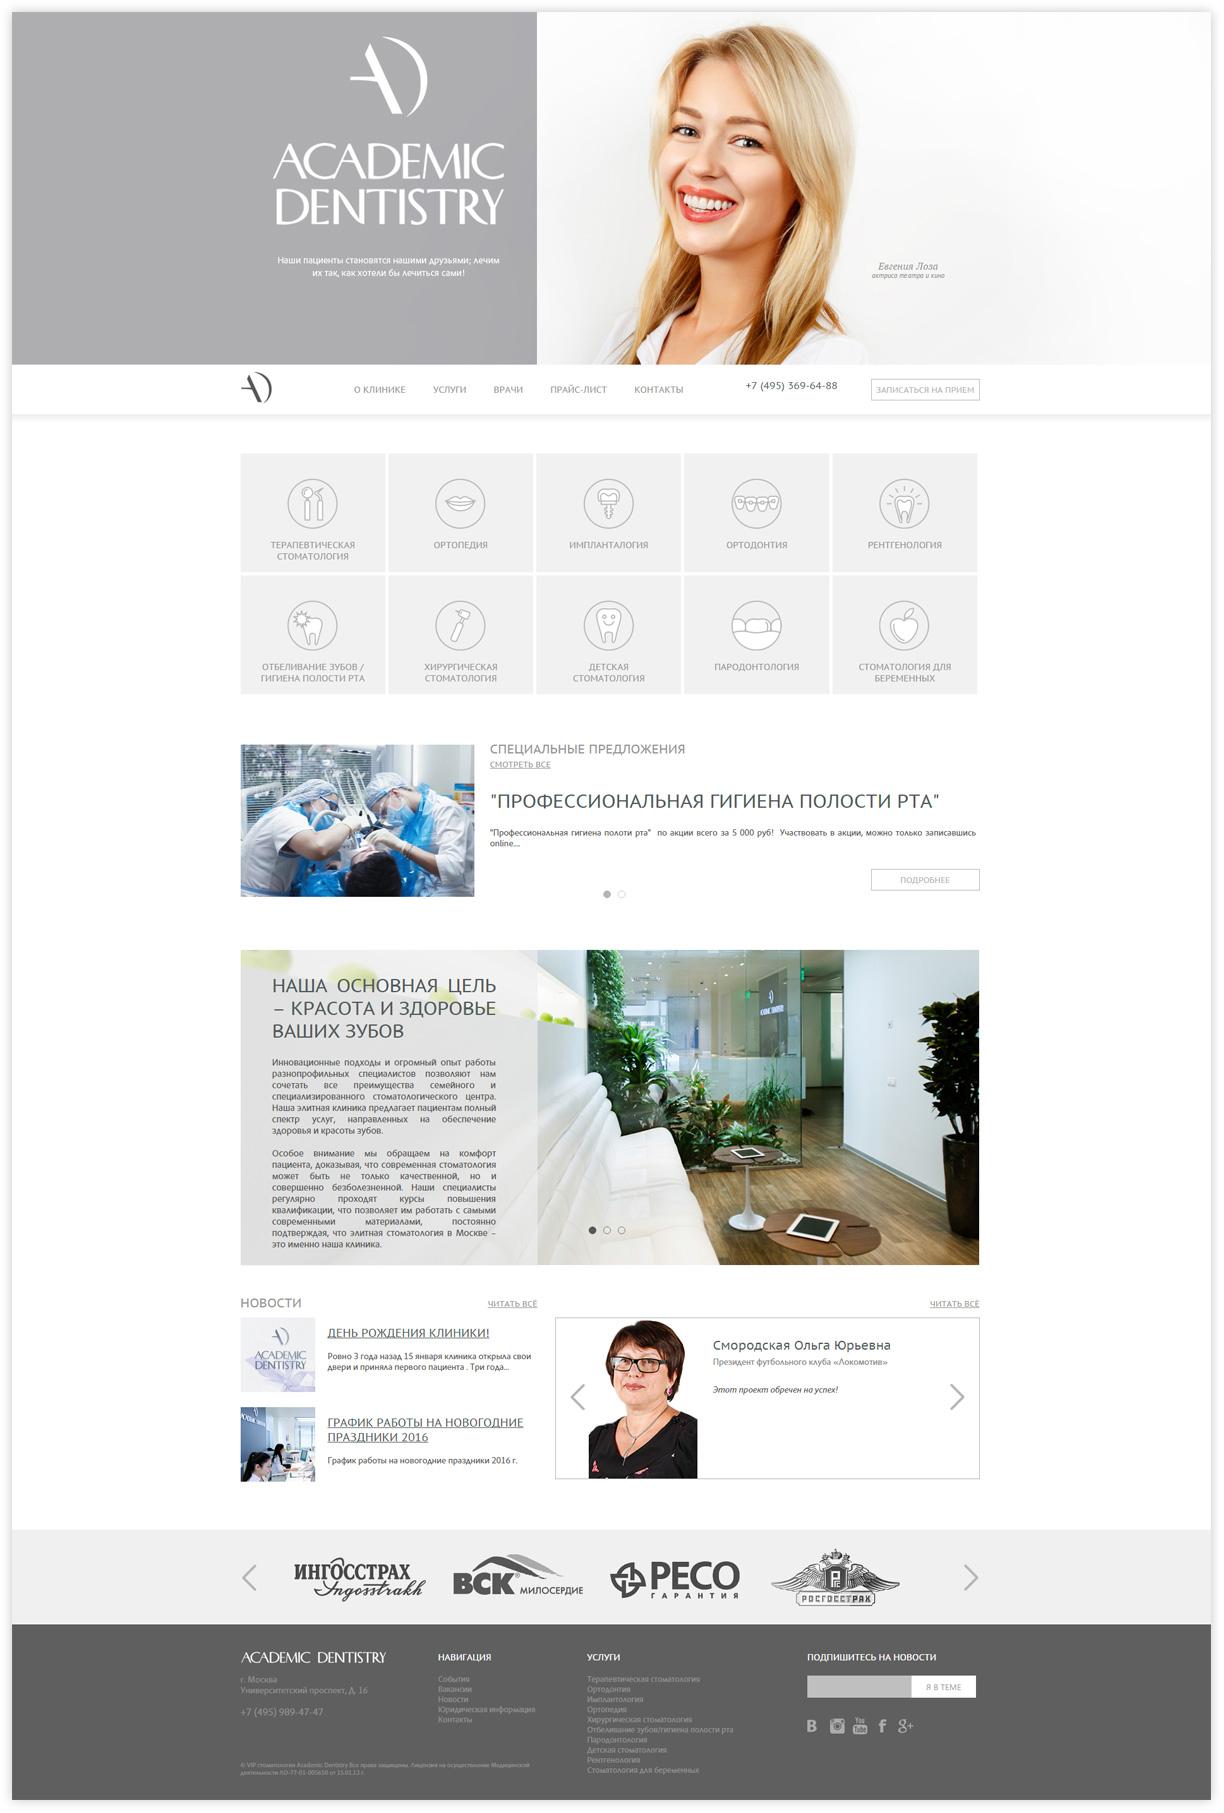 Адаптивный-дизайн-сайта-стоматологии